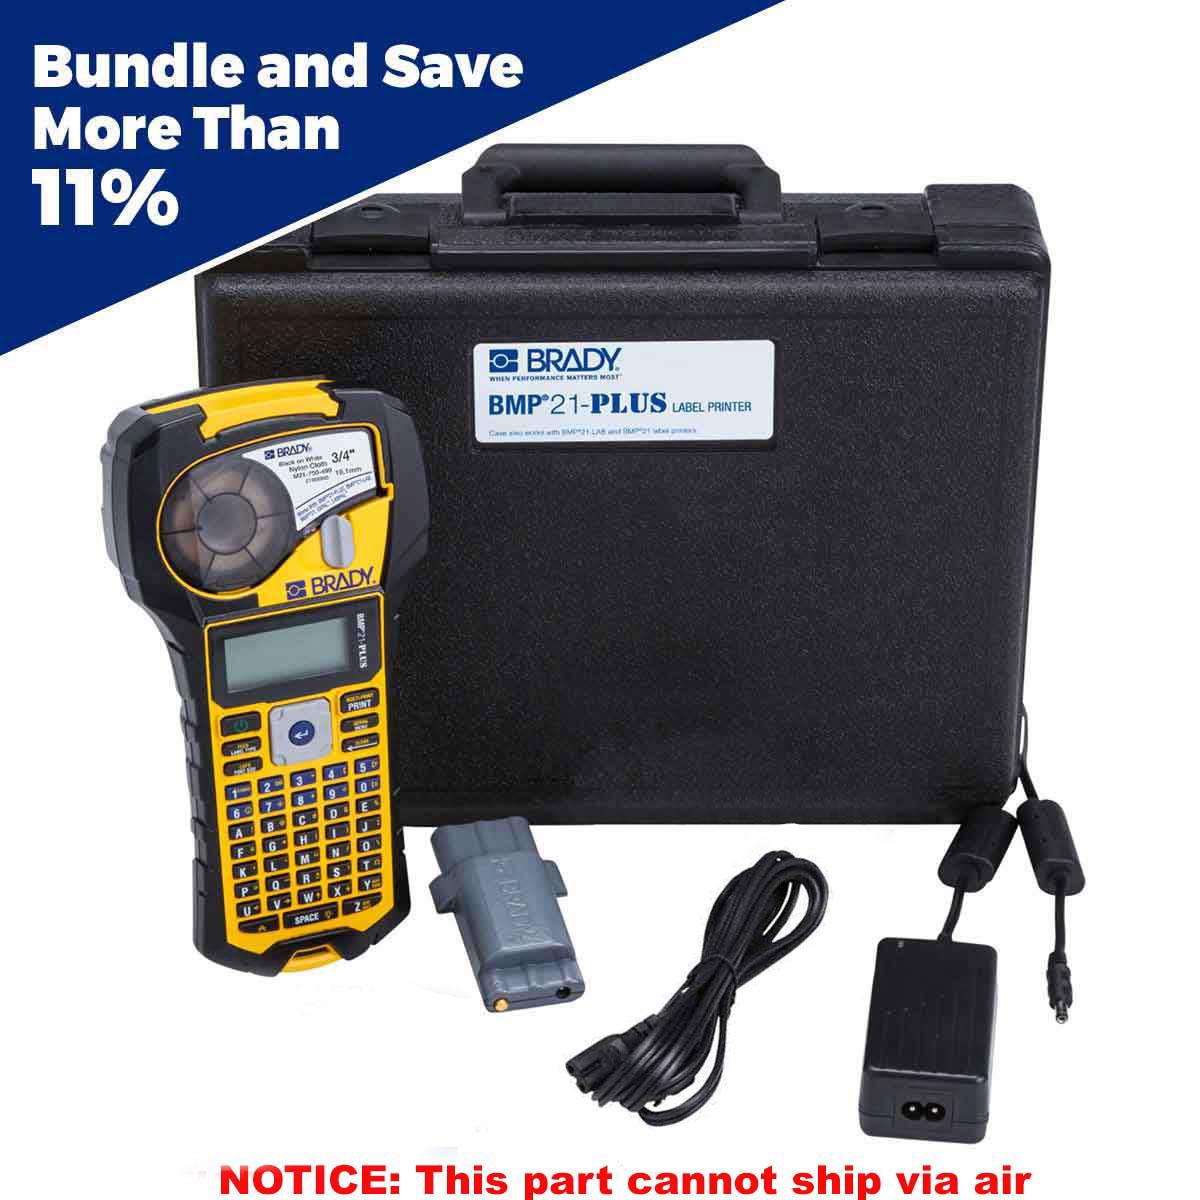 brady part bmp21 plus kit1 139537 bmp21 plus printer kit